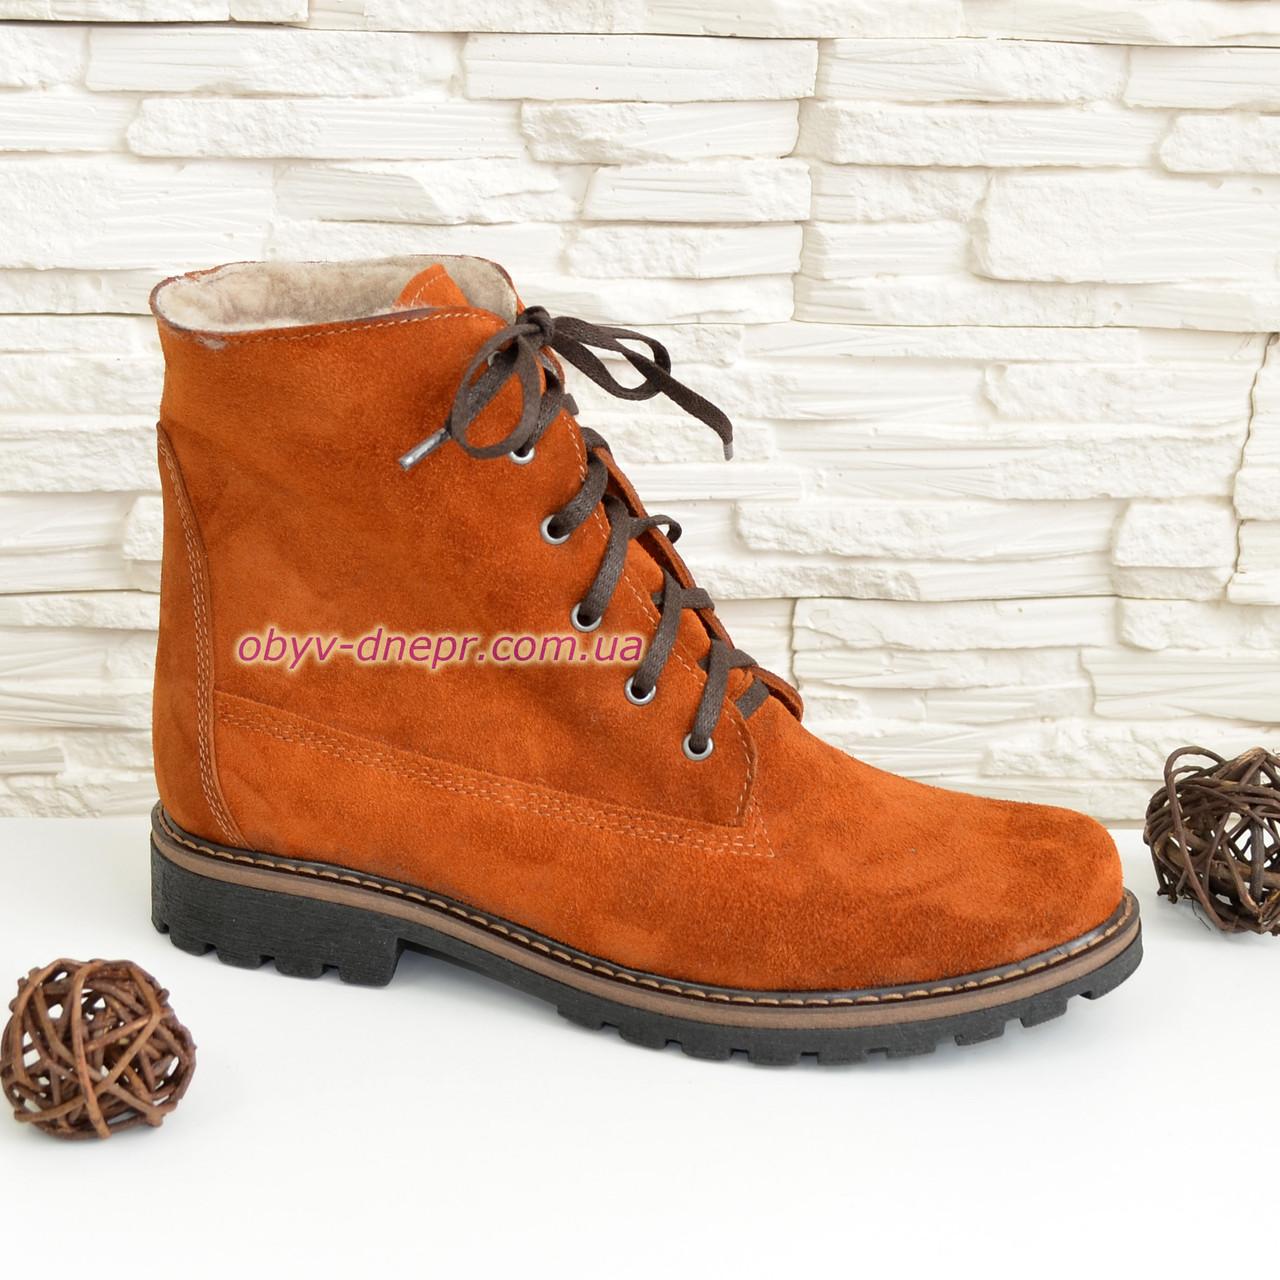 Женские ботинки замшевые рыжие на байке